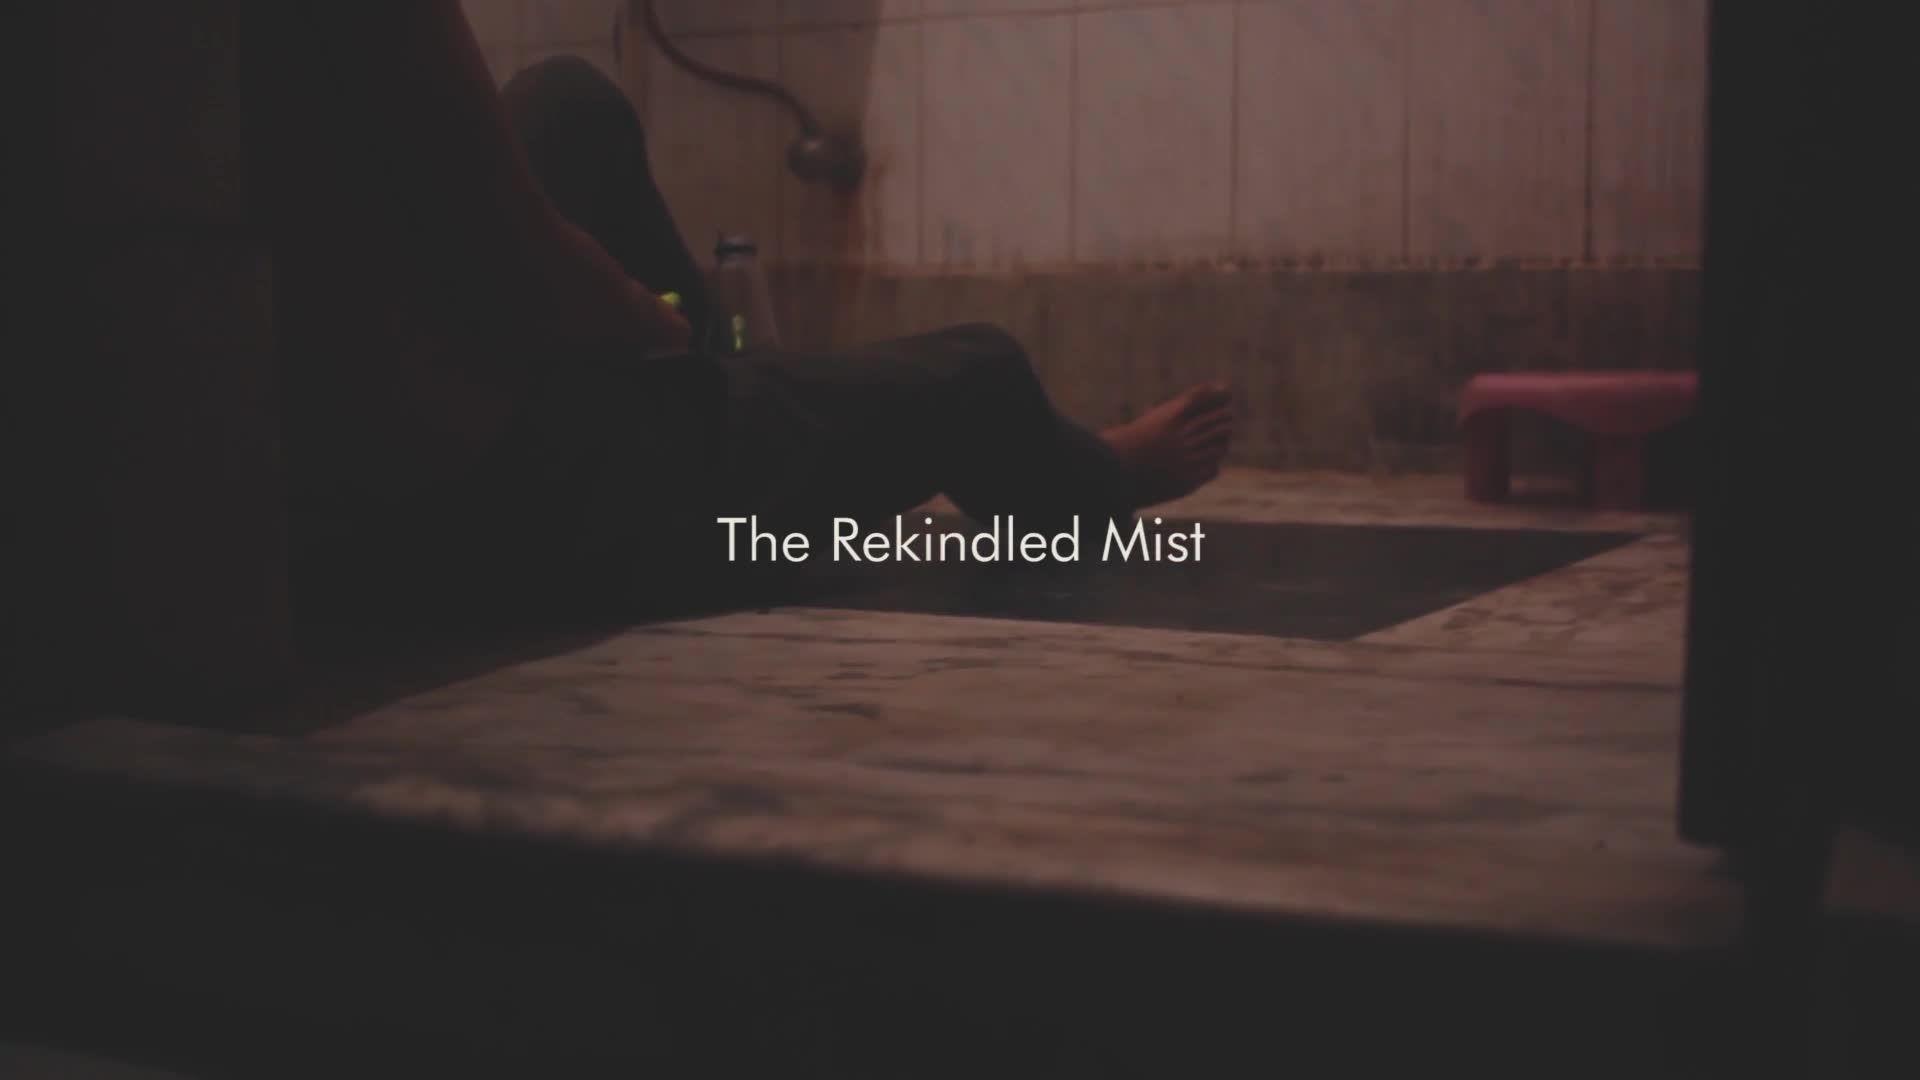 The Rekindled Mist